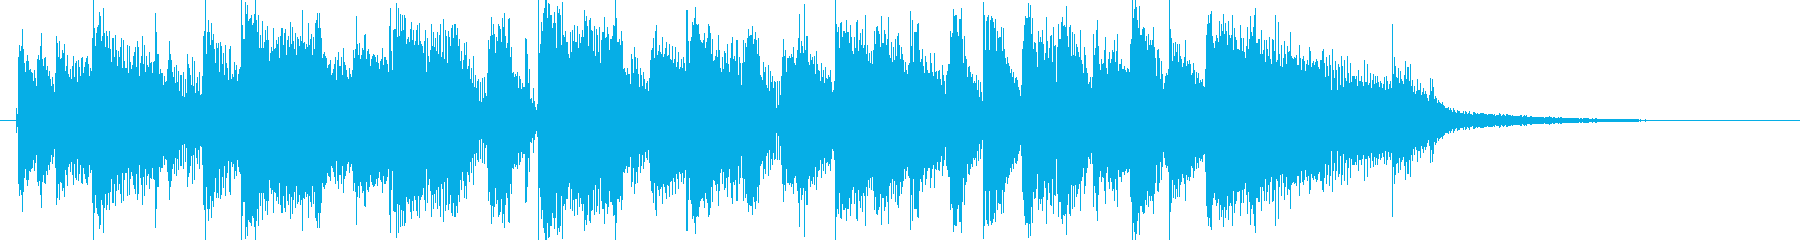 10秒ジングル/ファンクロック/激しいの再生済みの波形